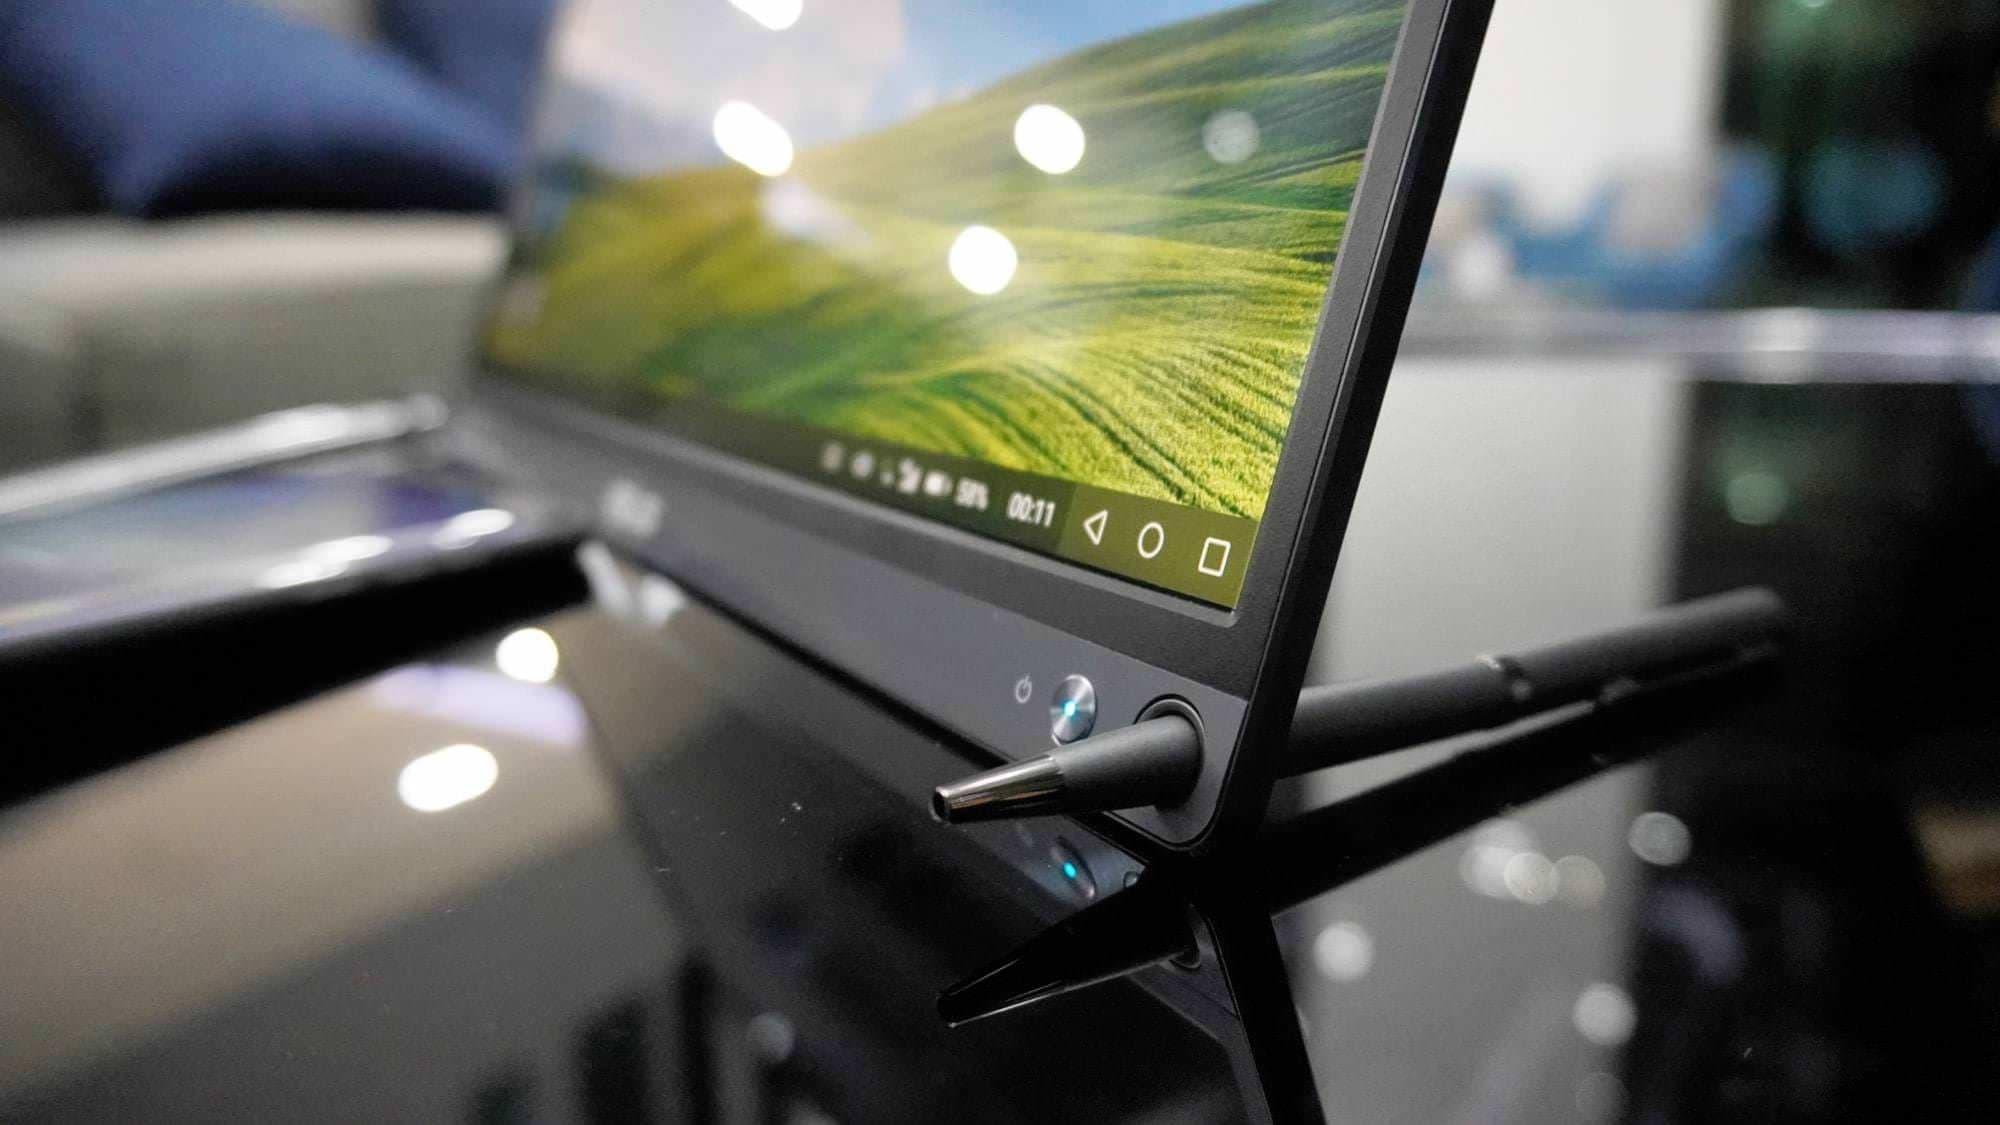 รีวิว ASUS ZenScreen Go หน้าจอพกพาขนาด 15 นิ้ว 5